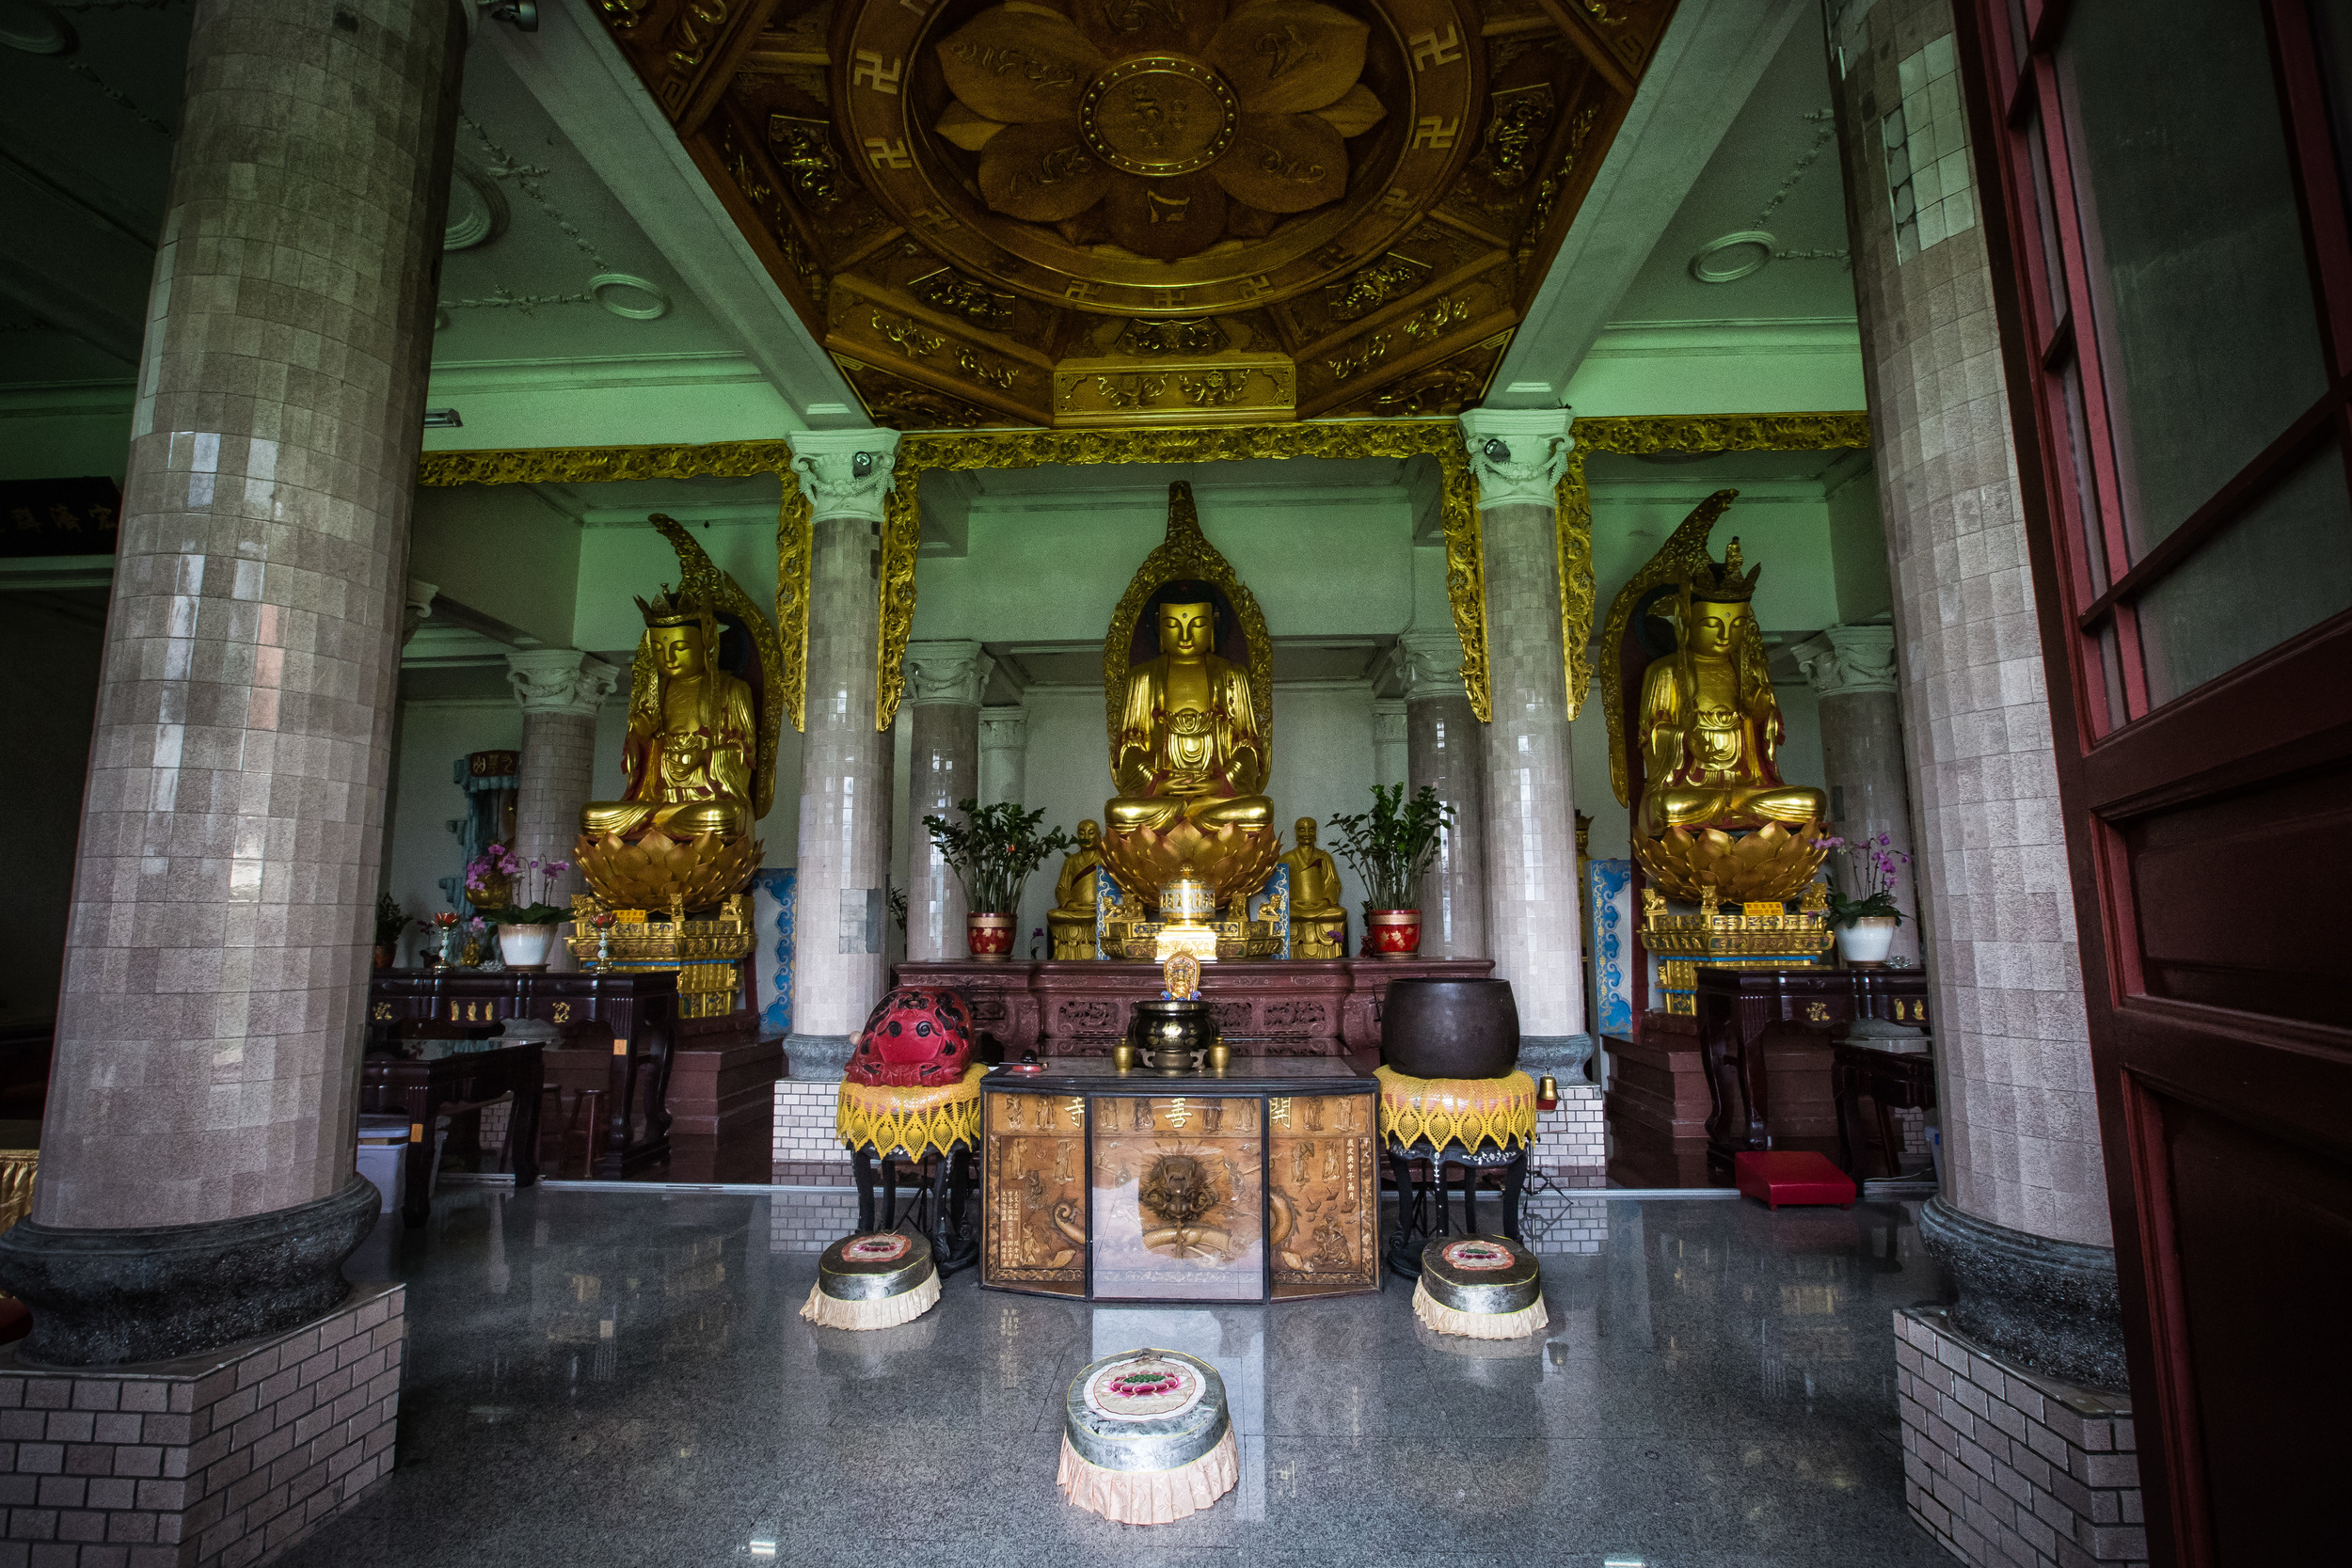 The inside of the shrine room.